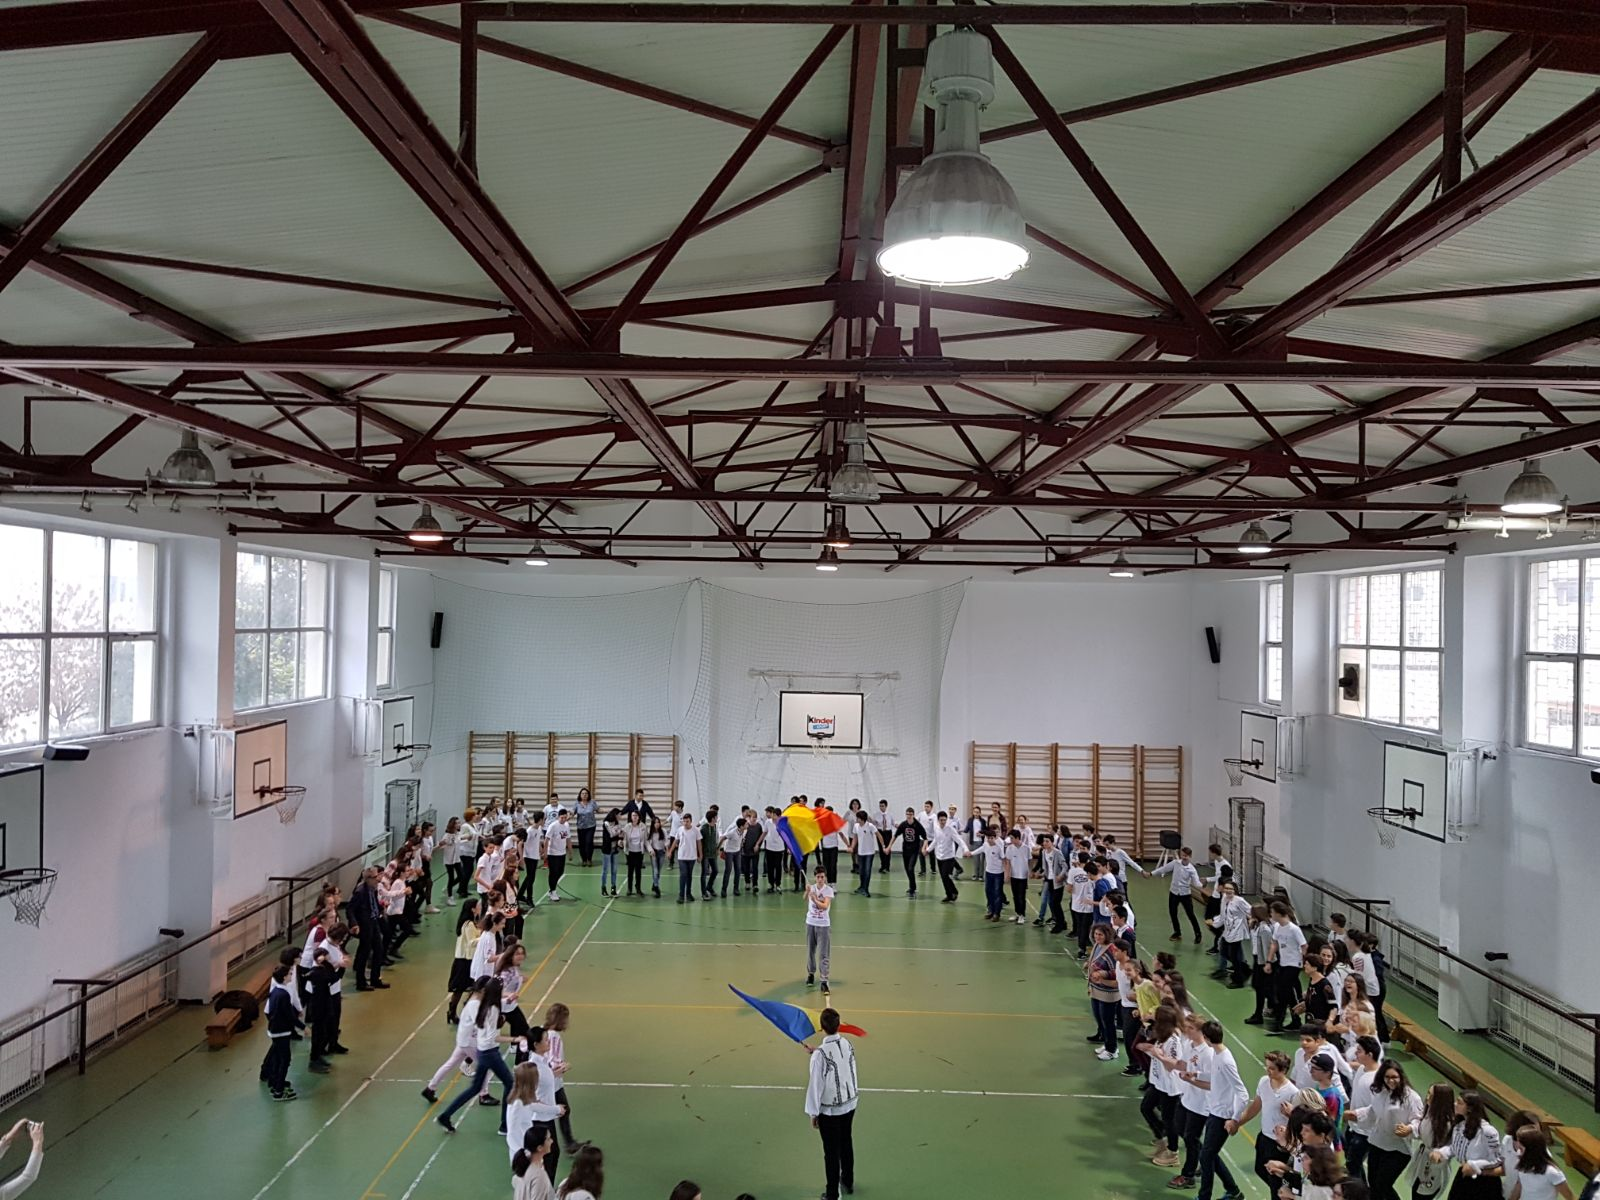 http://www.scoala12bucuresti.ro/site/wp-content/uploads/2017/12/16.jpg